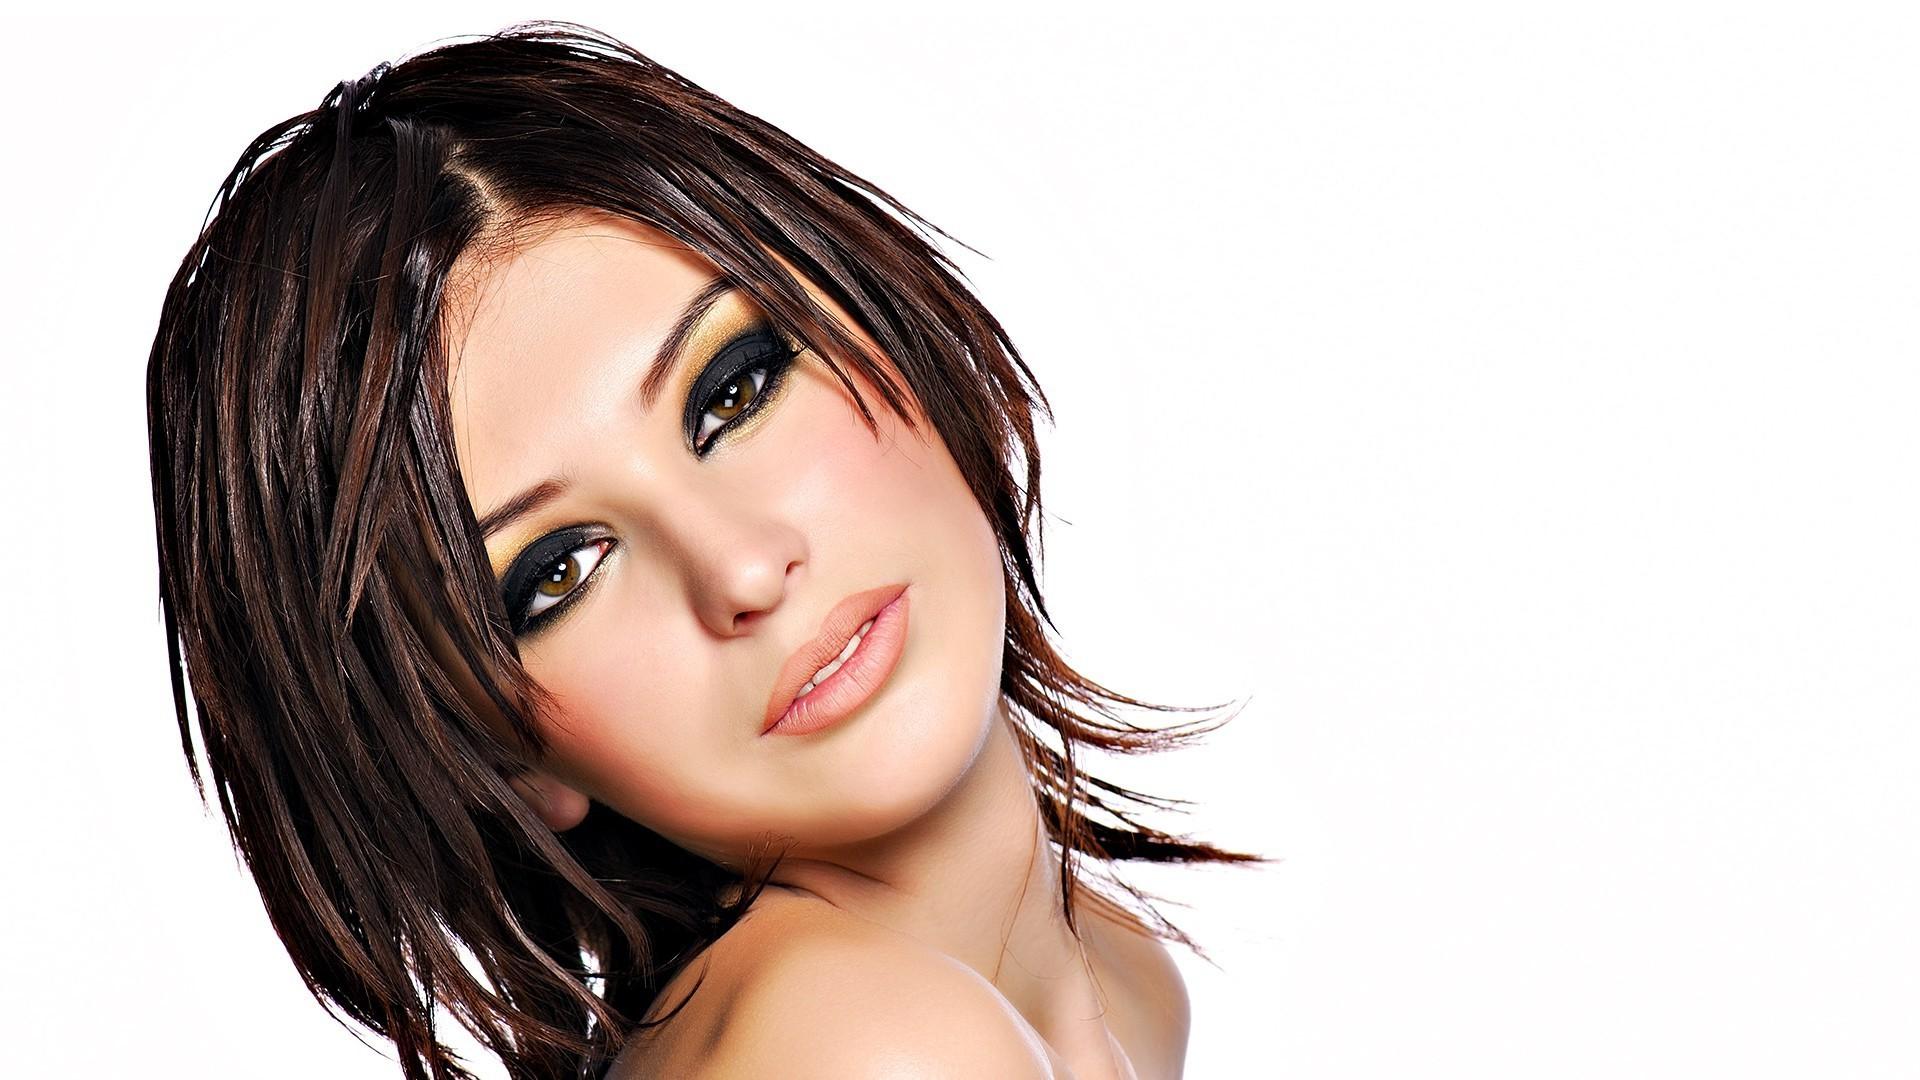 Maquillage cheveux noir yeux noisette